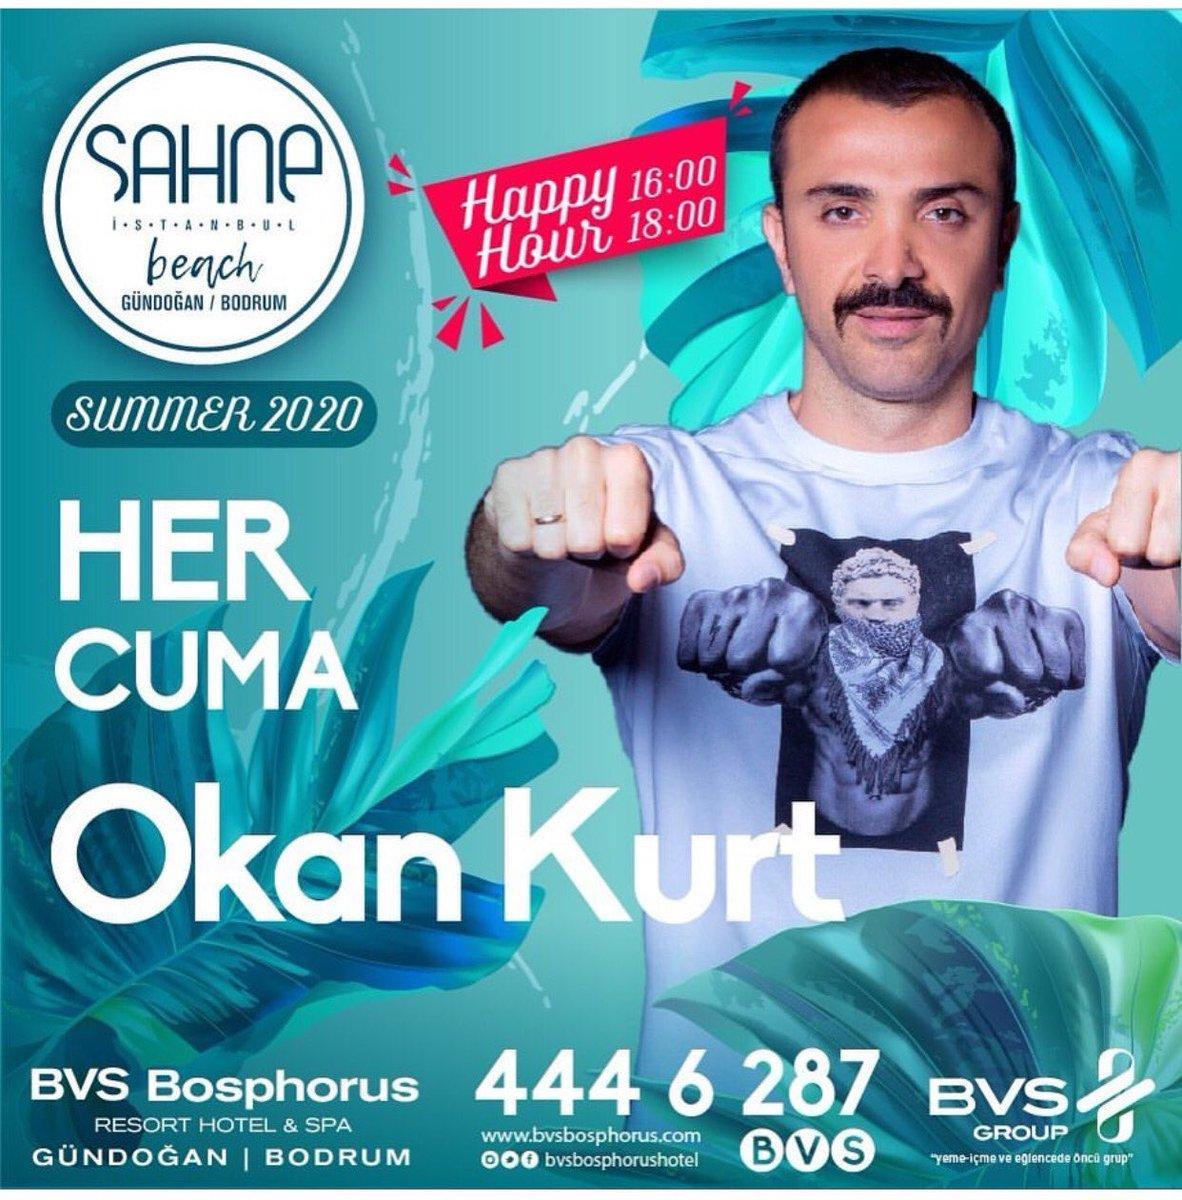 Bu Yaz 🔥 Sahne İstanbul Beach Gündoğan Bodrum'da  ➡️ Her Cuma Okan Kurt ➡️ Her Cumartesi Demet Akalın  Sahnede 🌟 Hazır mısınız? 💃🏻💗 @DemetAkalin #OkanKurt https://t.co/5boRVbpD2E